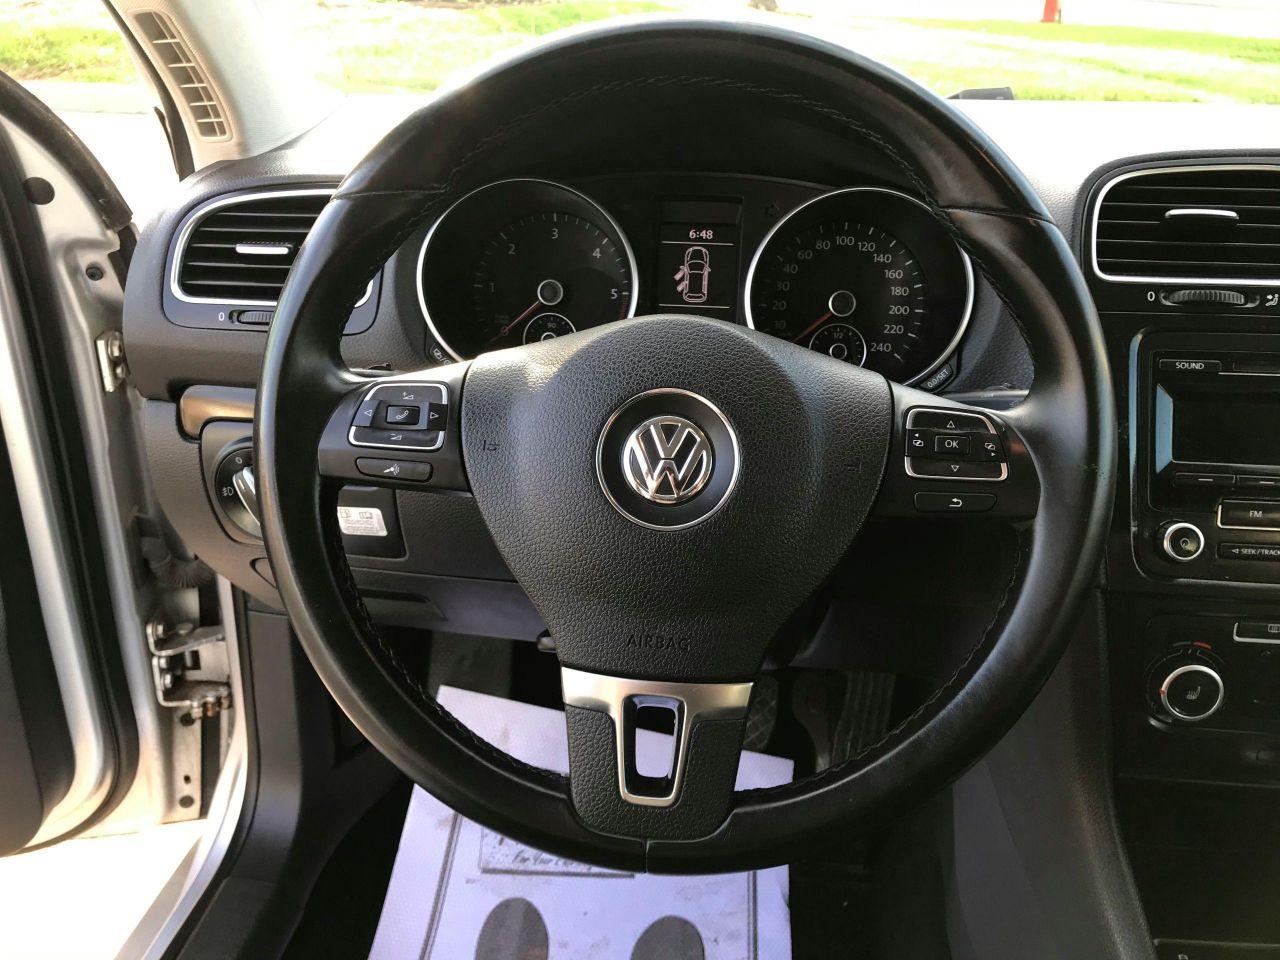 2014 Volkswagen Golf Wagon